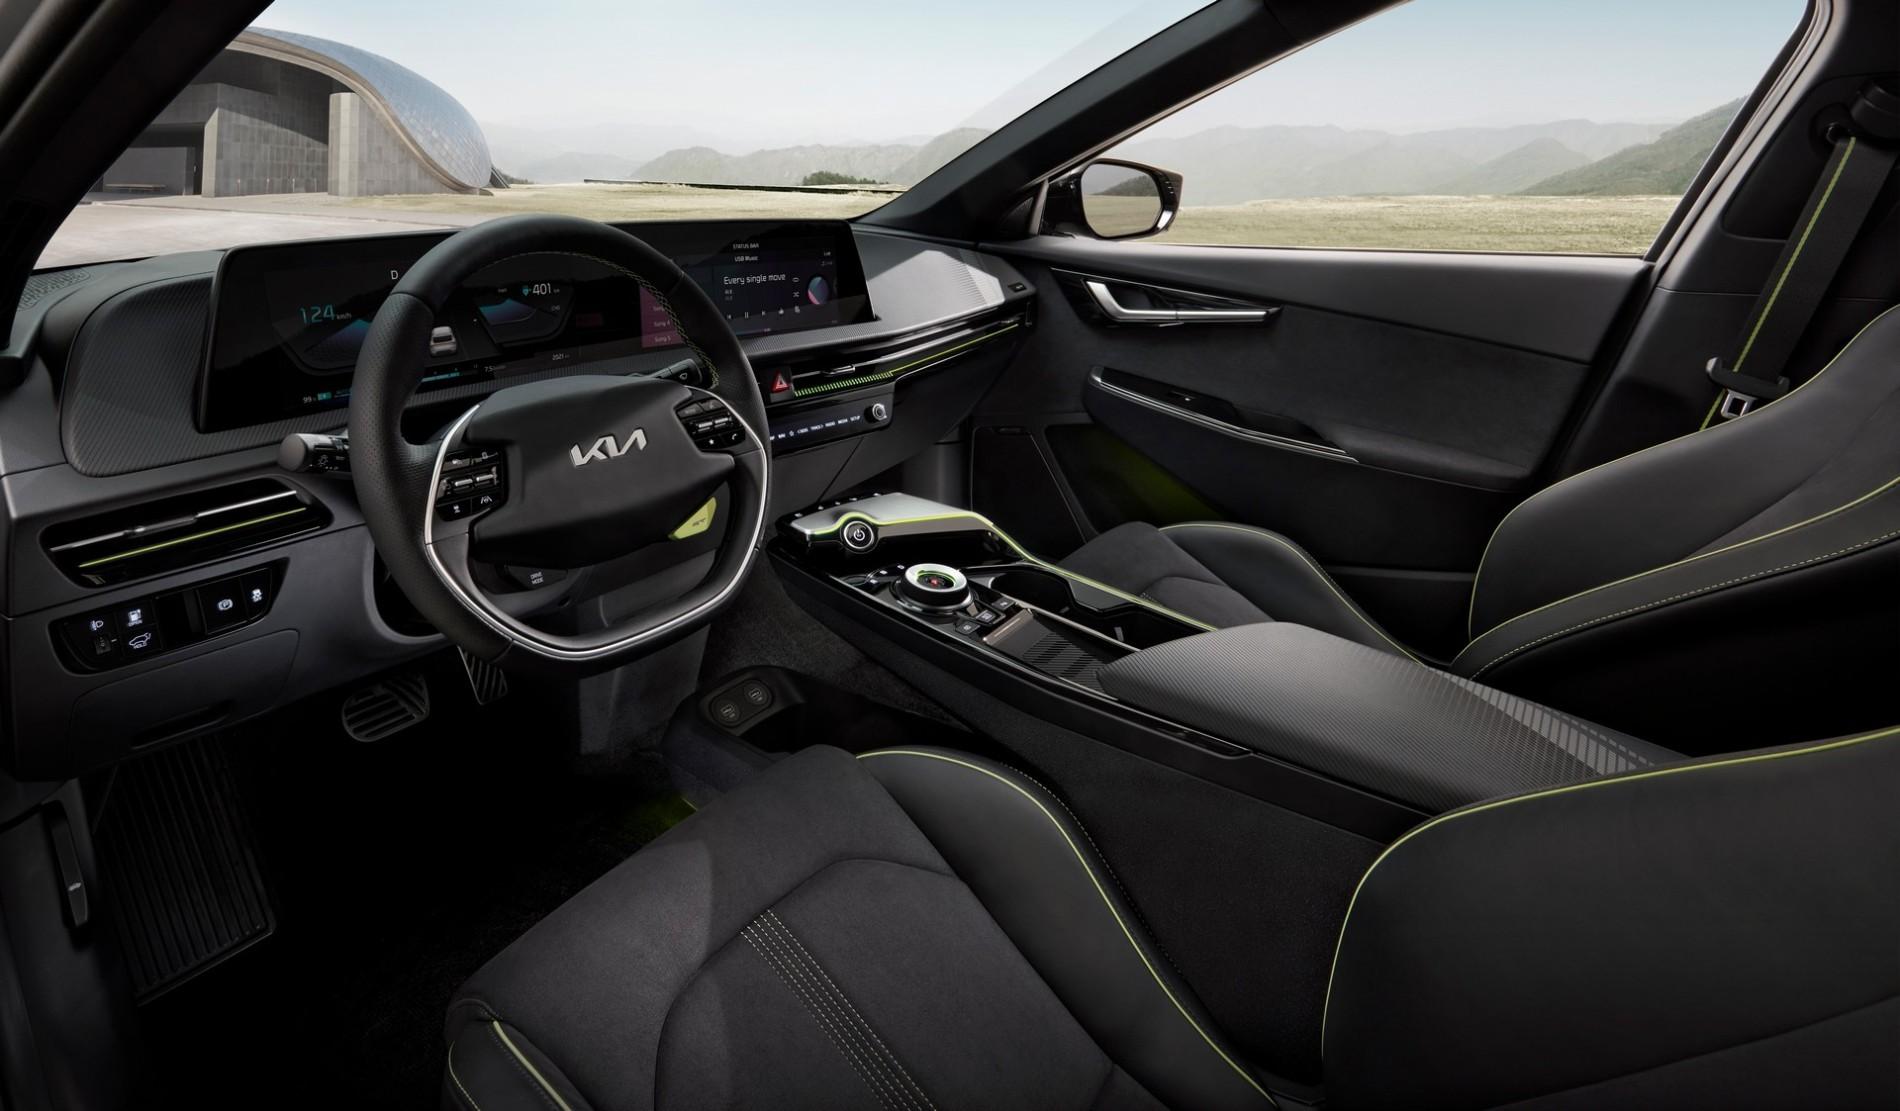 Kia EV6 - Poze noi - Kia EV6 - Poze noi